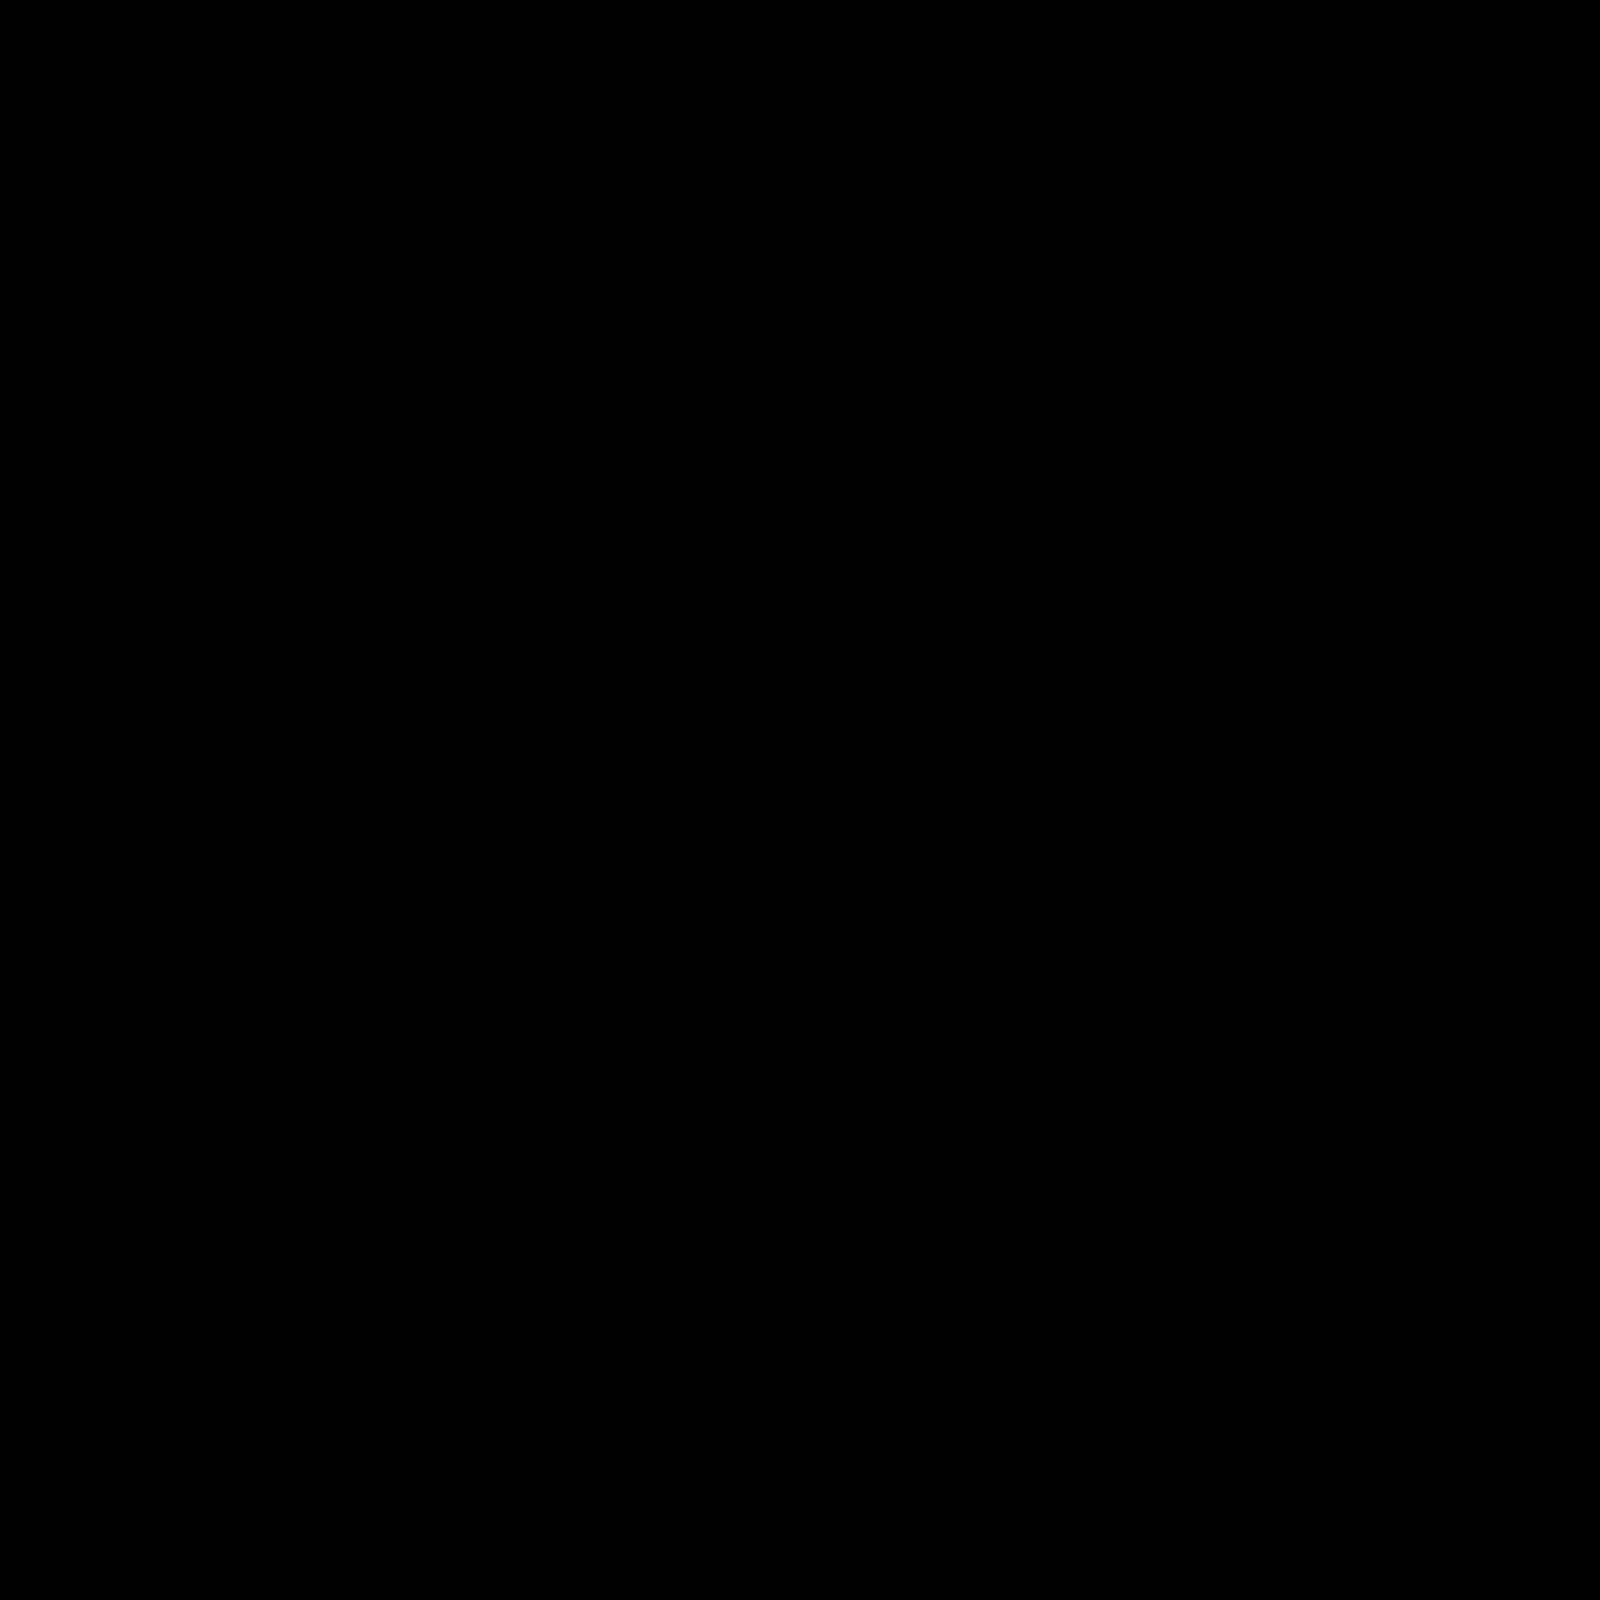 Pisanki icon